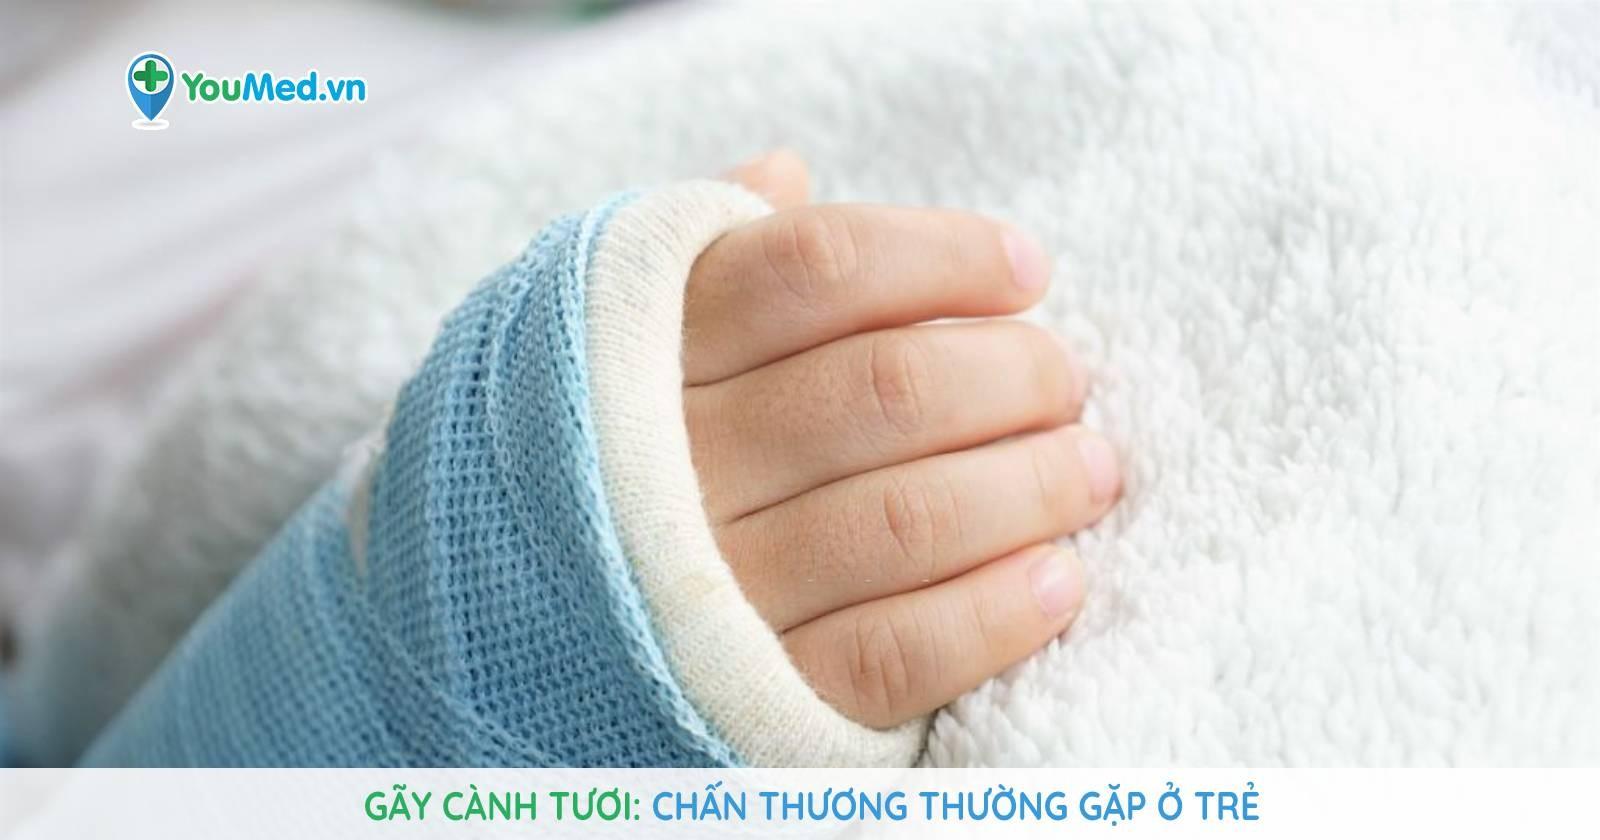 Gãy cành tươi: Chấn thương thường gặp ở trẻ